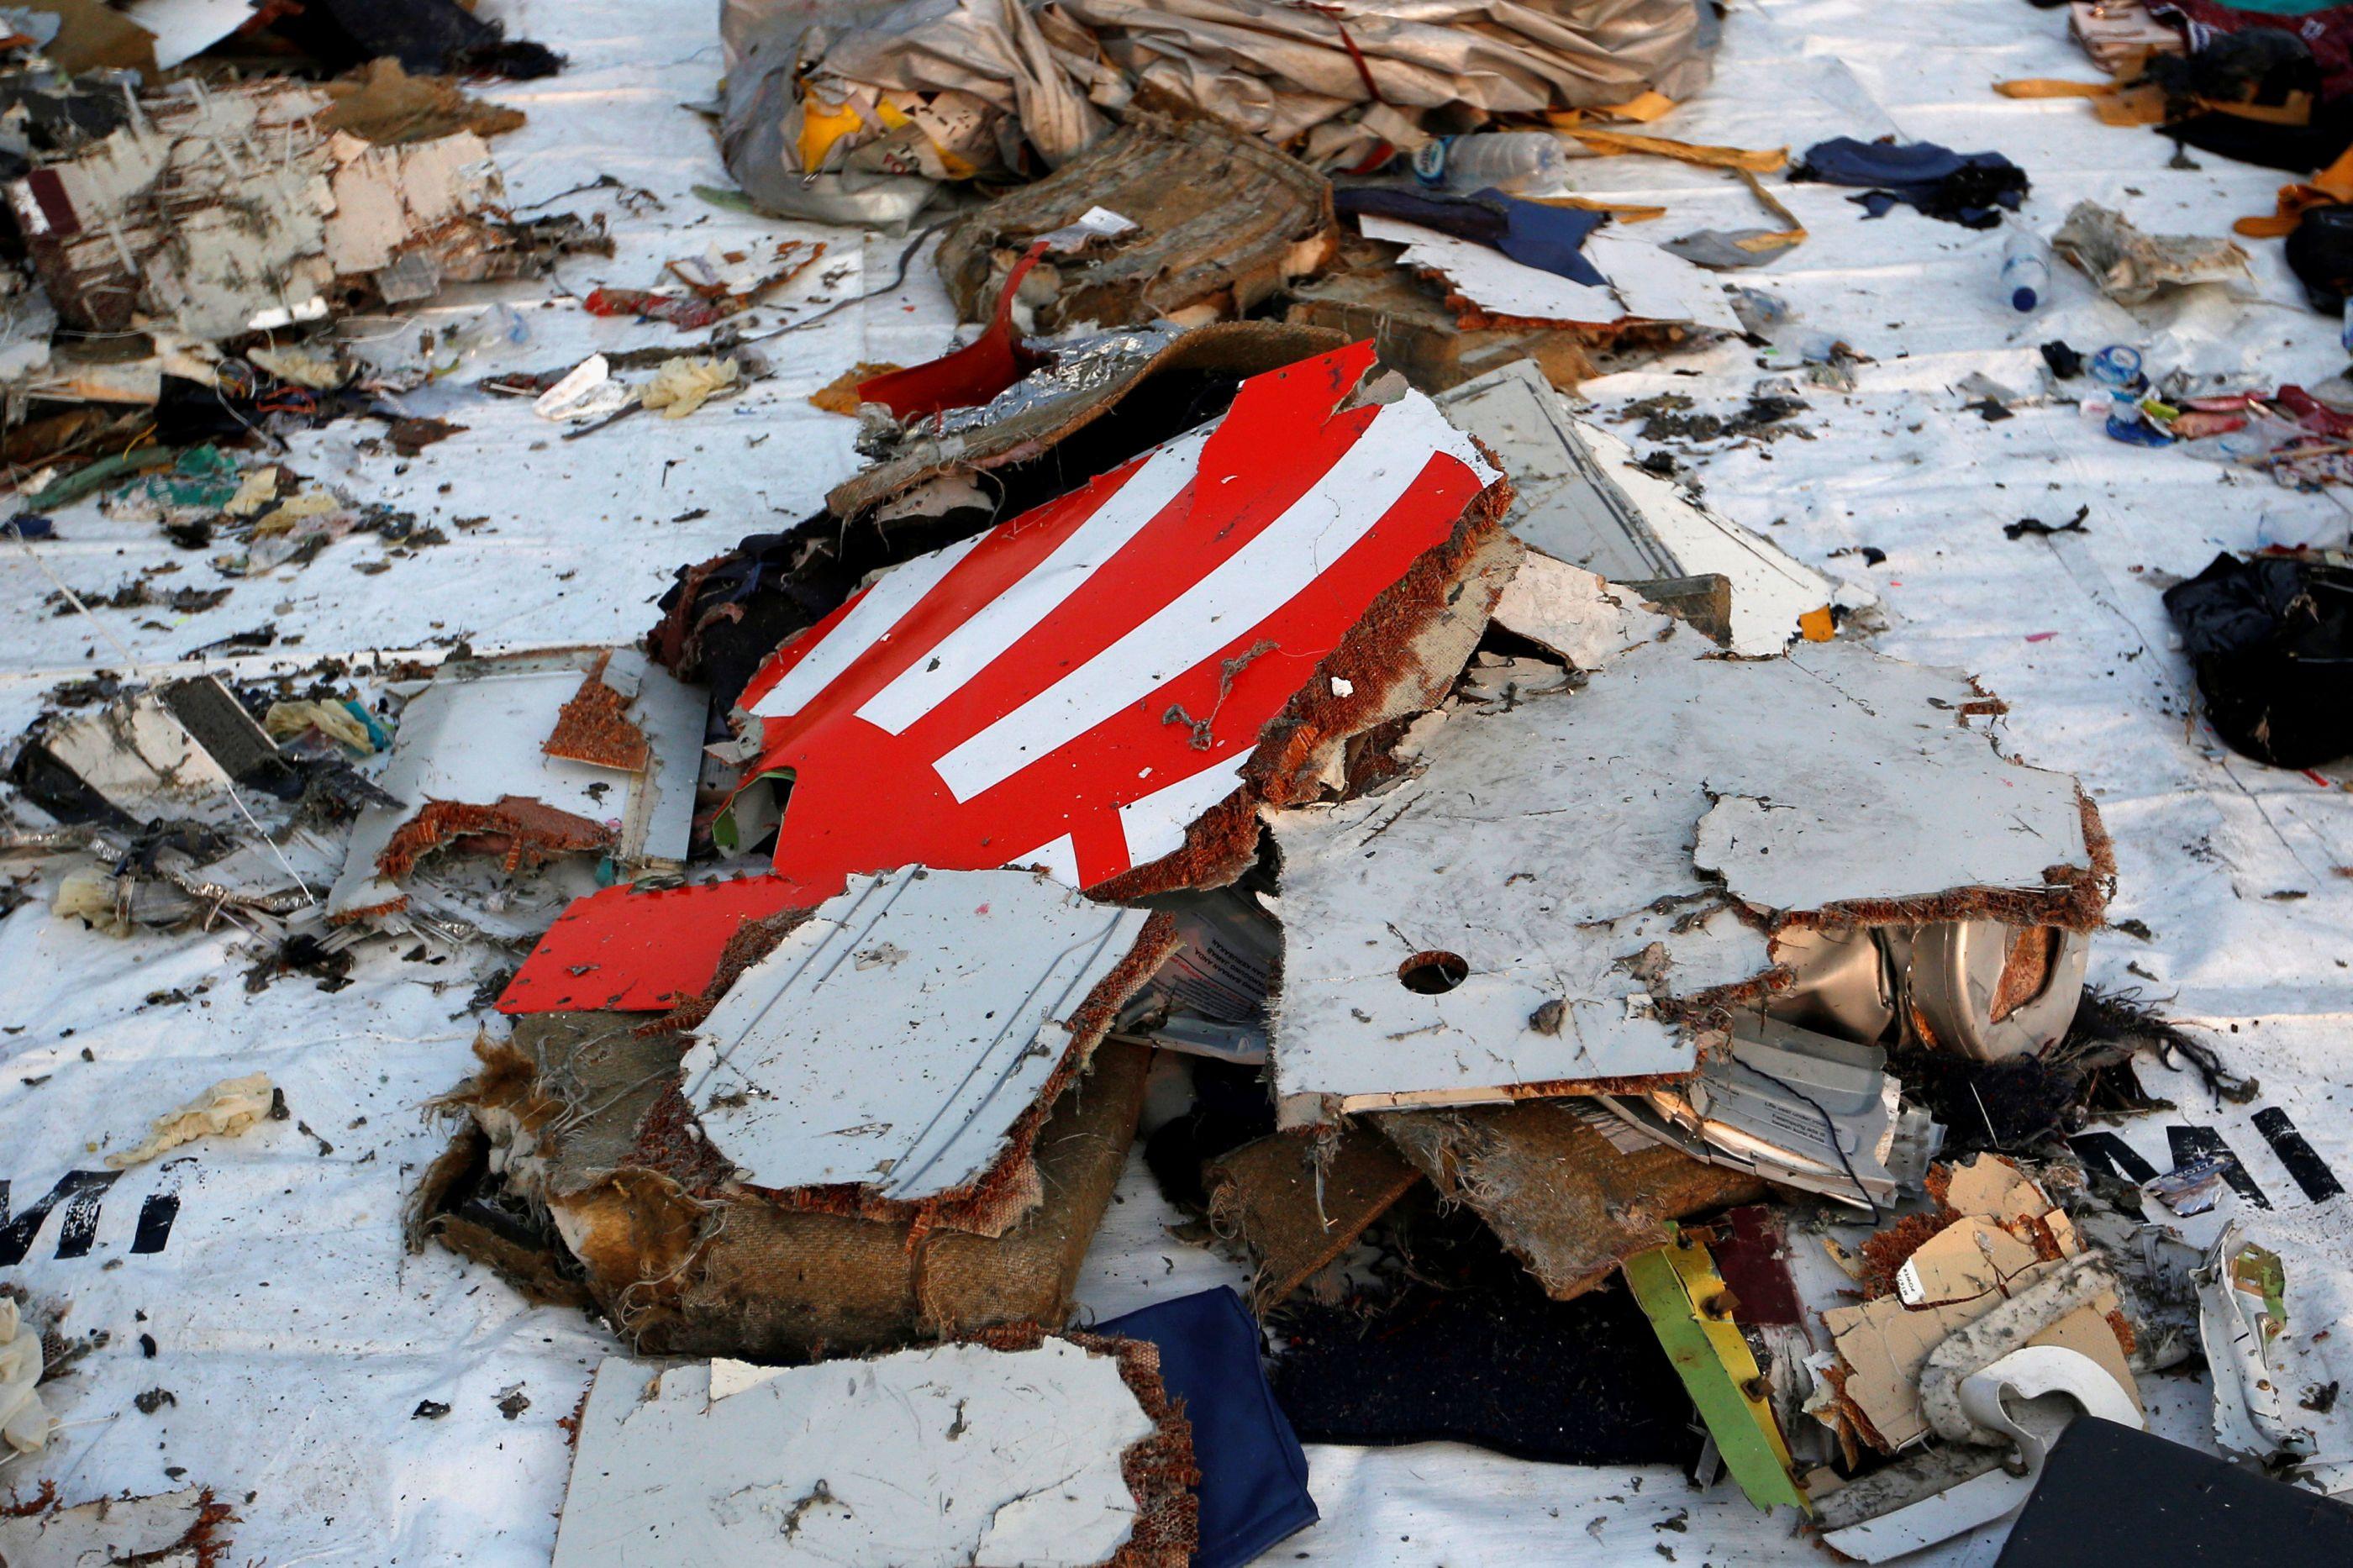 Tsunamis, sismos, queda de avião. O terrível ano de 2018 para a Indonésia